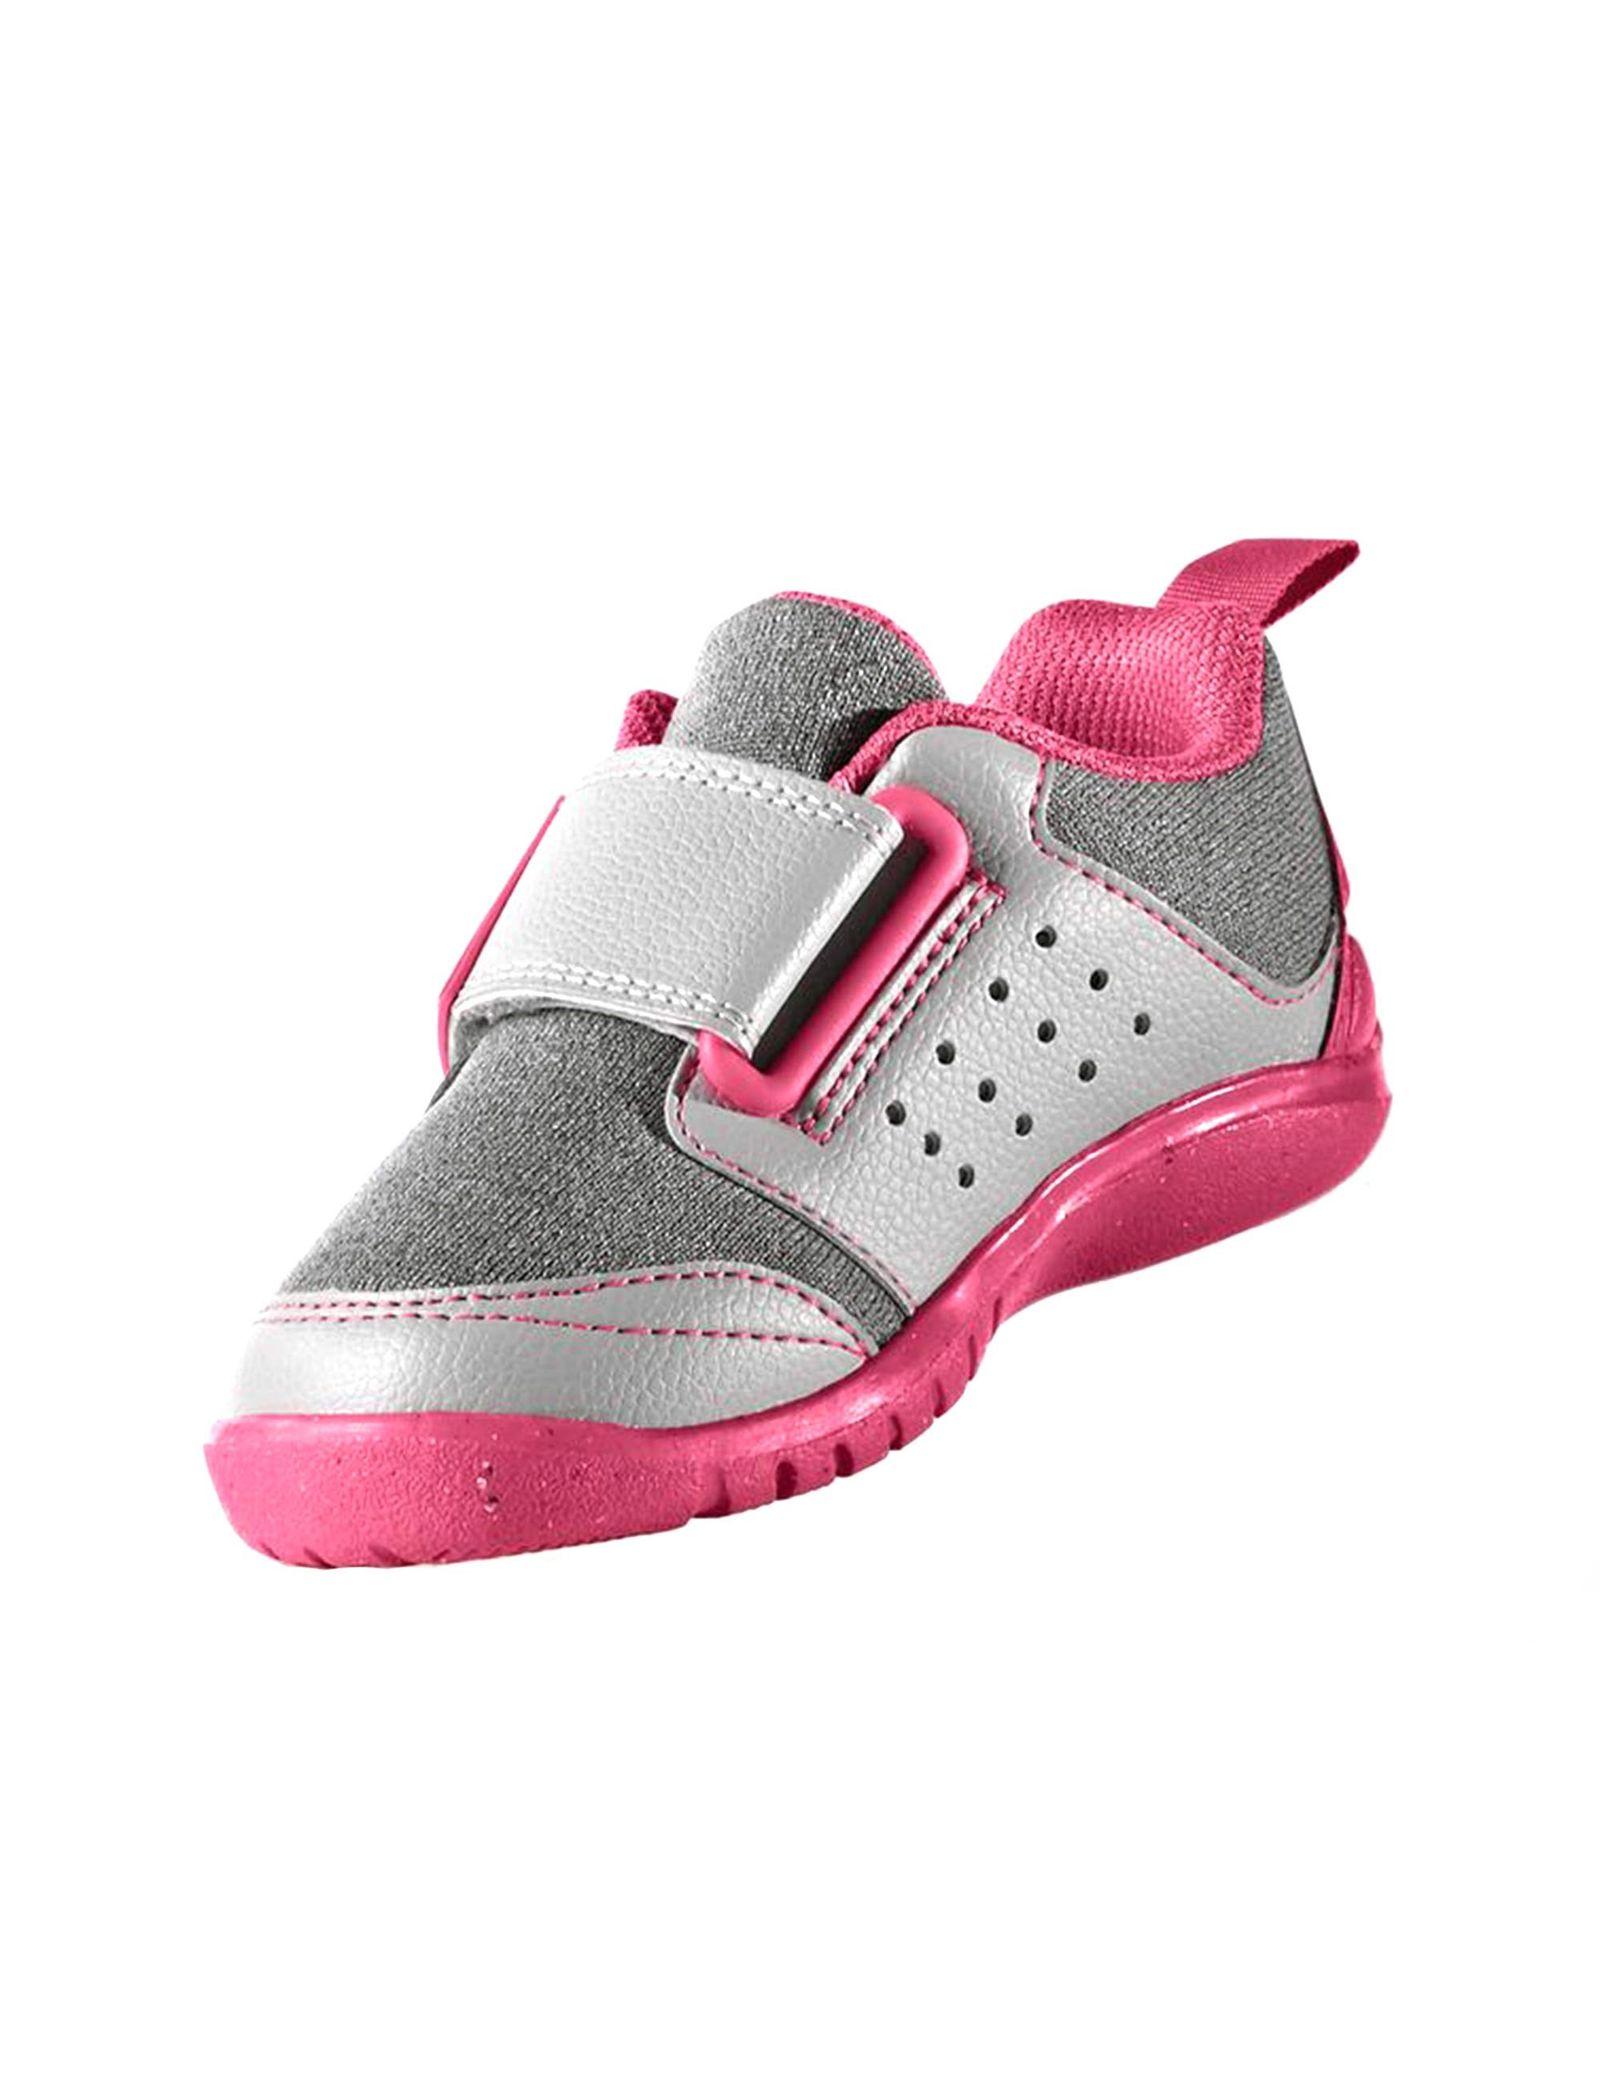 کفش تمرین چسبی دخترانه FortaPlay - آدیداس - صورتي - 4